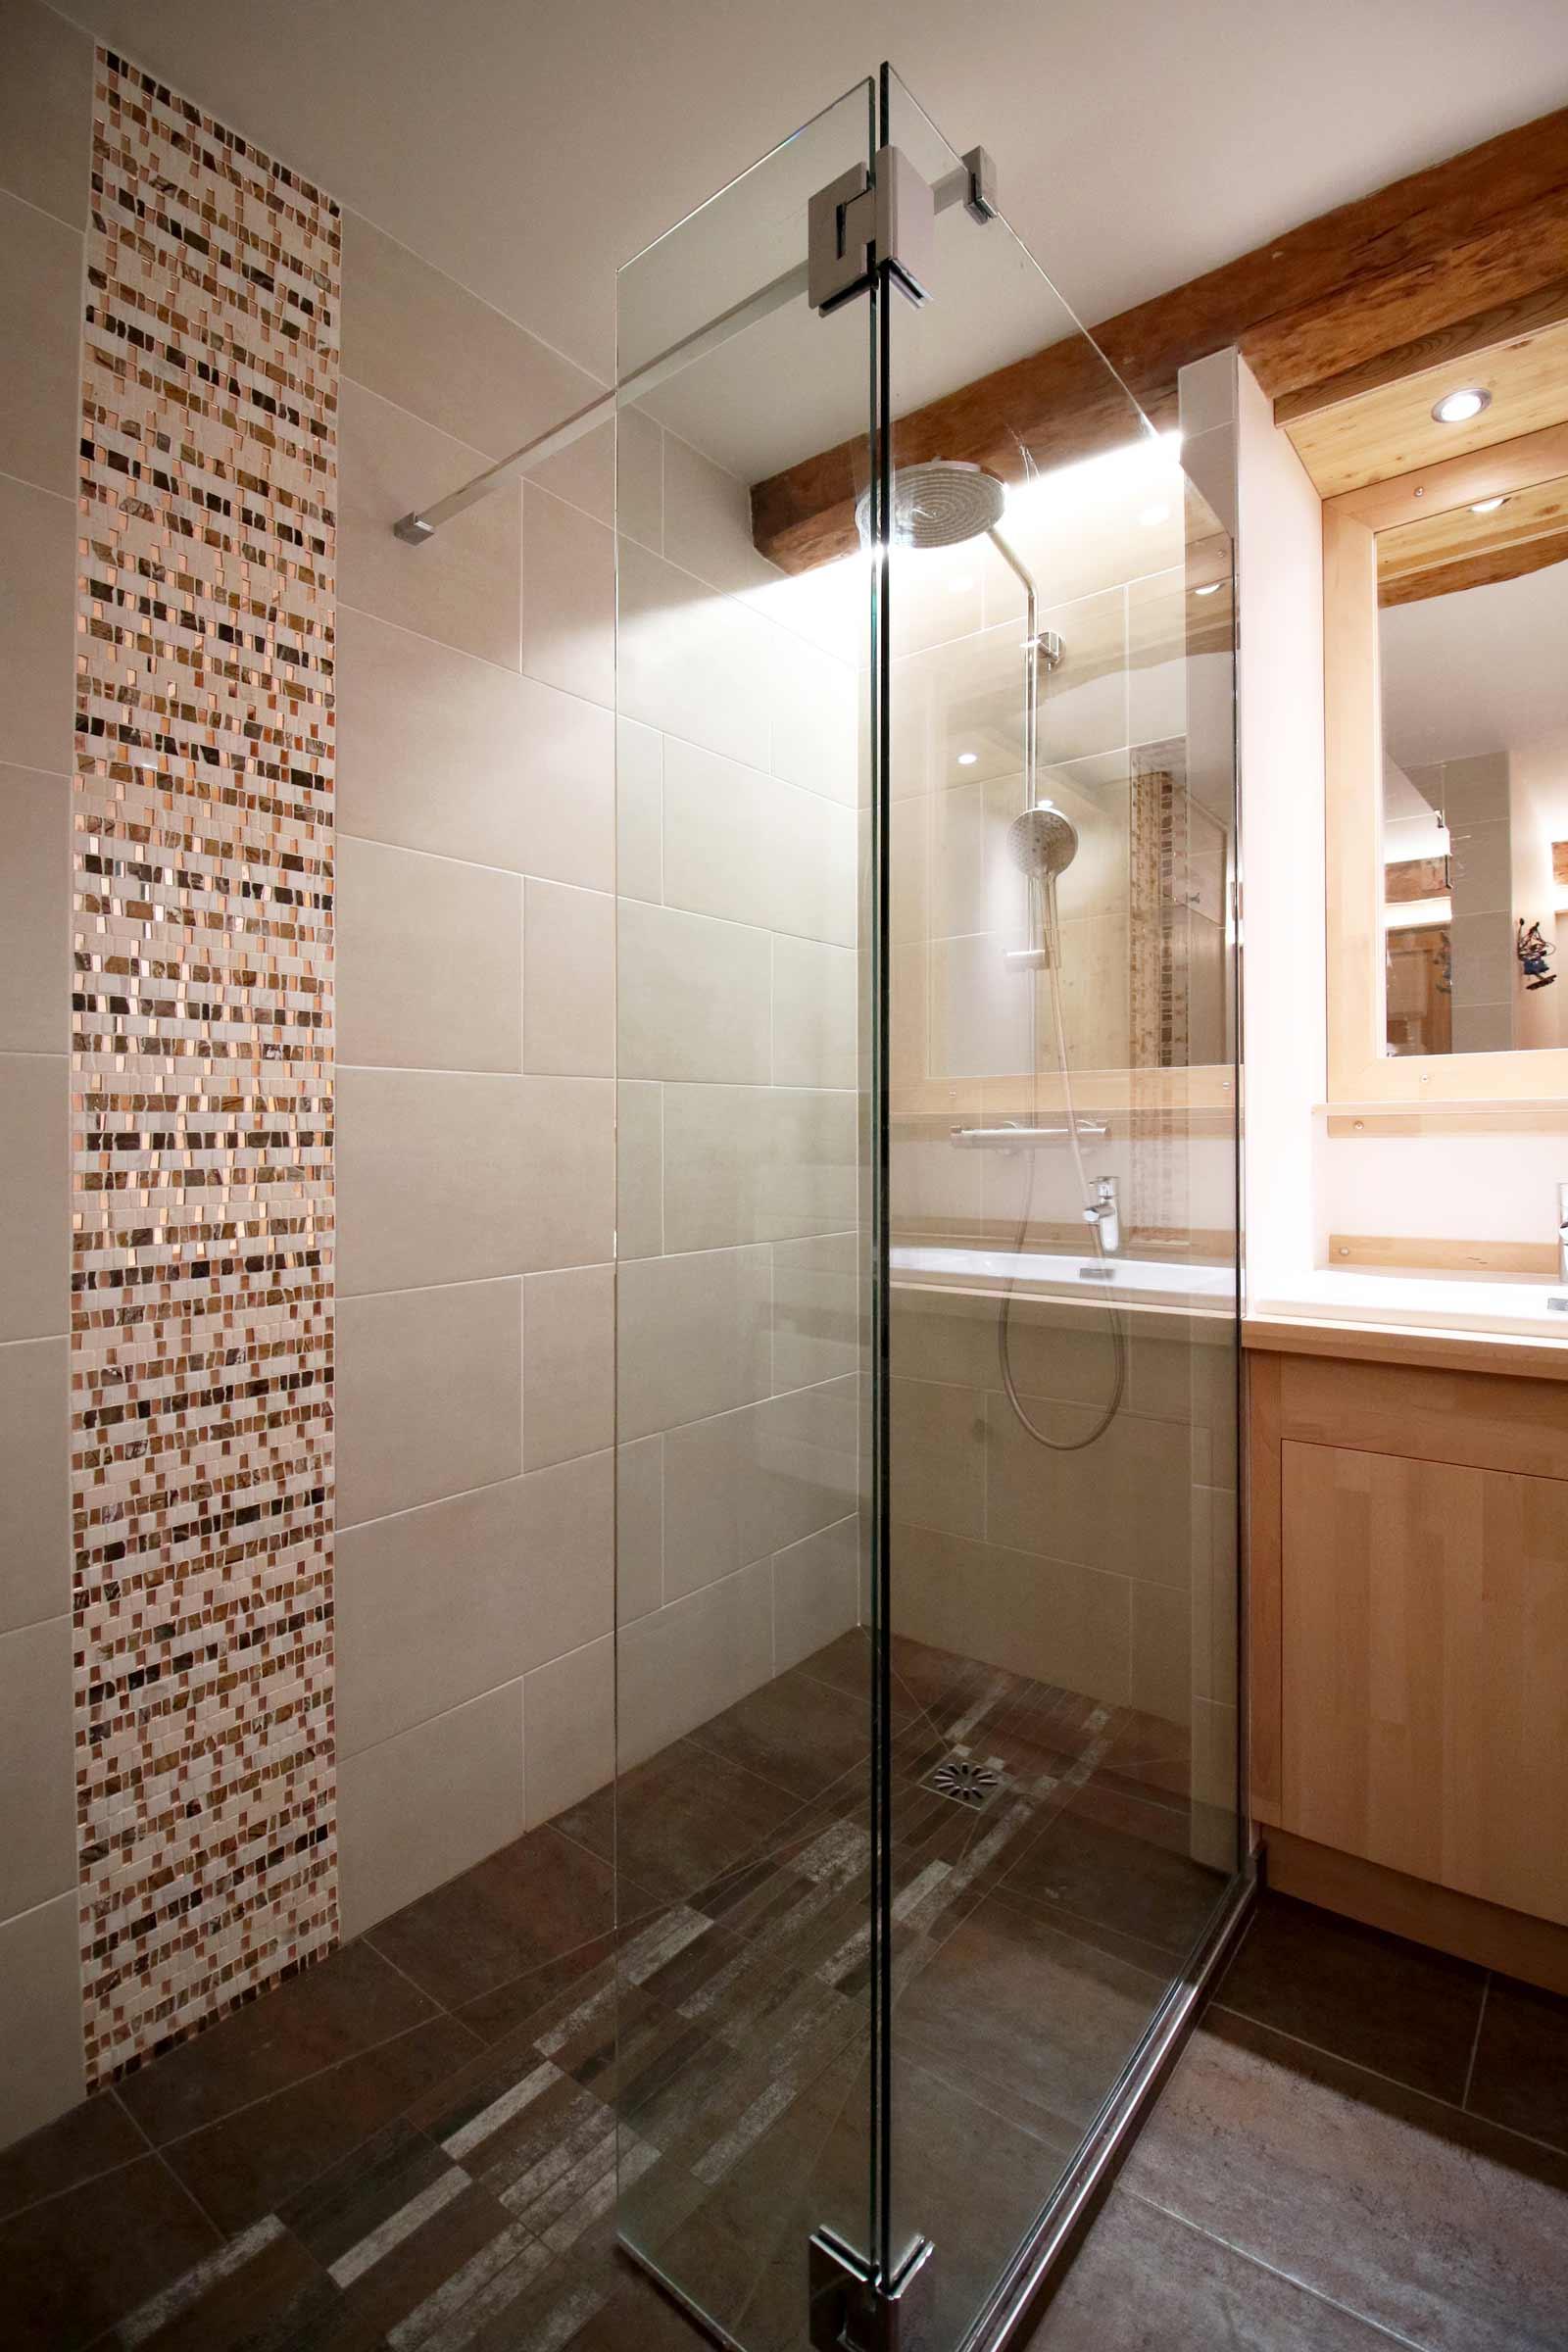 Specialiste Salle De Bain Toulouse ~ Renover Salle De Bain Grenoble Douche Italienne Mosaique Paroi De